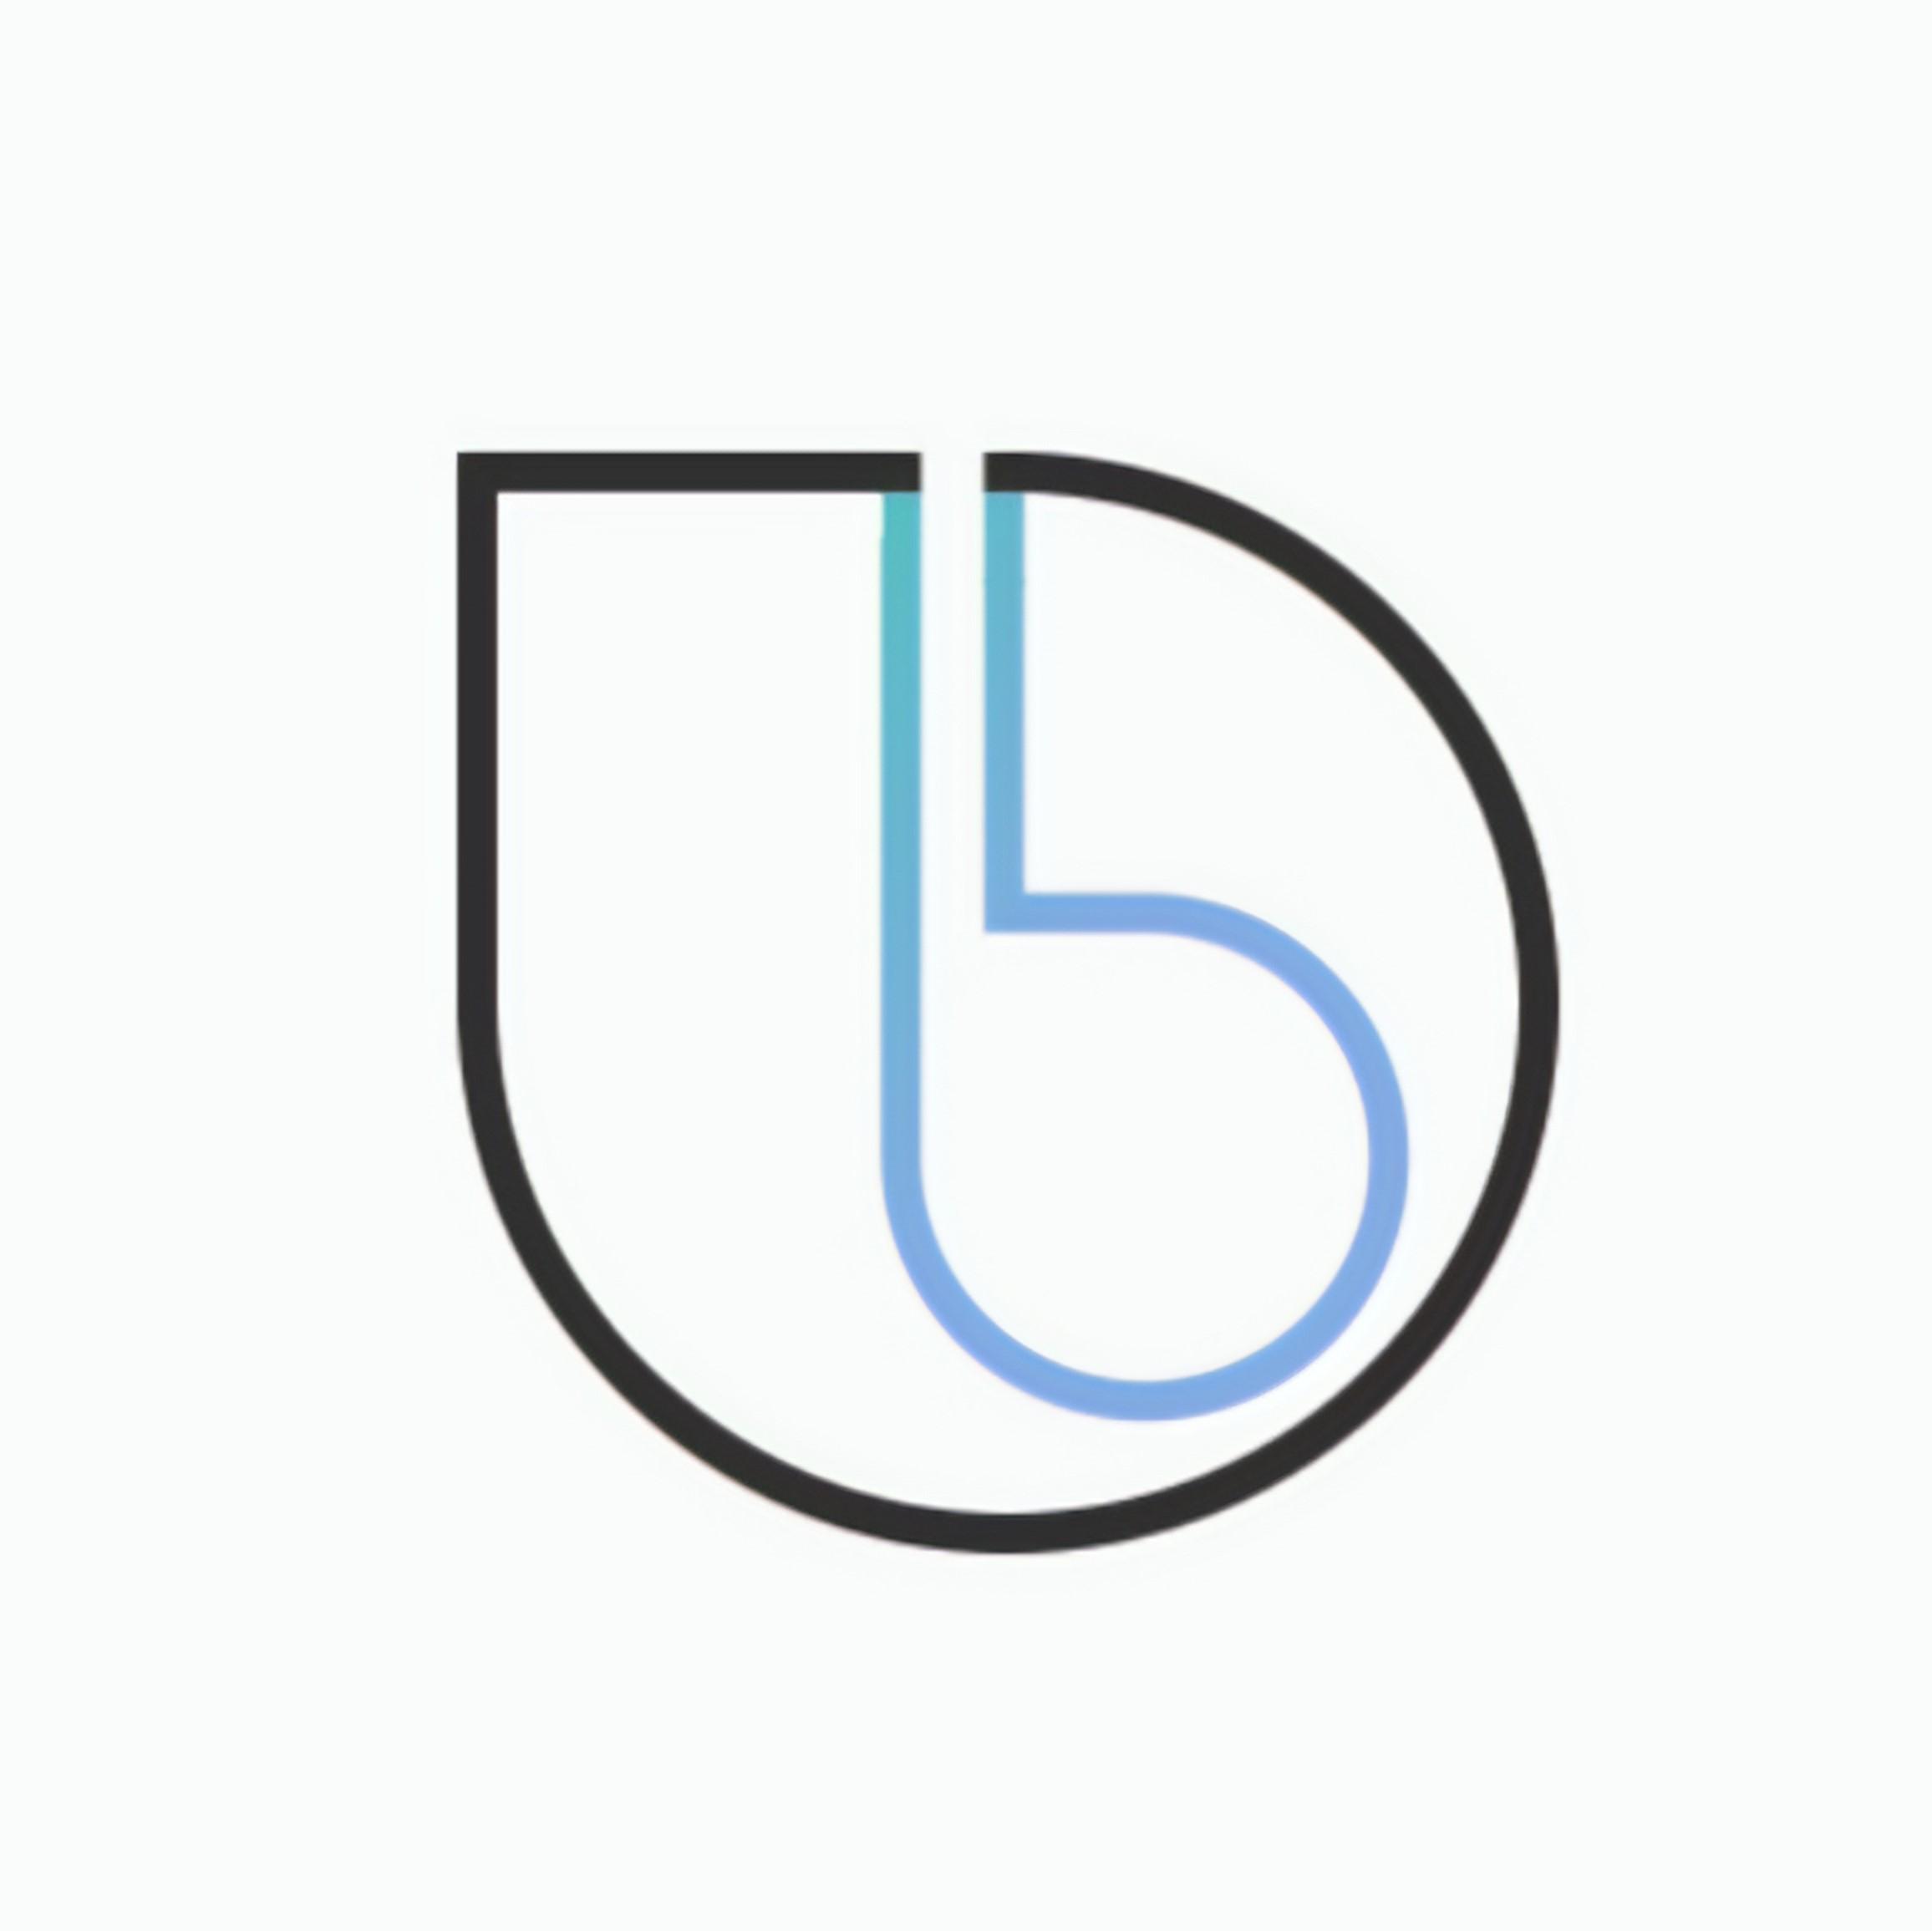 Bixby (assistente virtuale) - Wikipedia